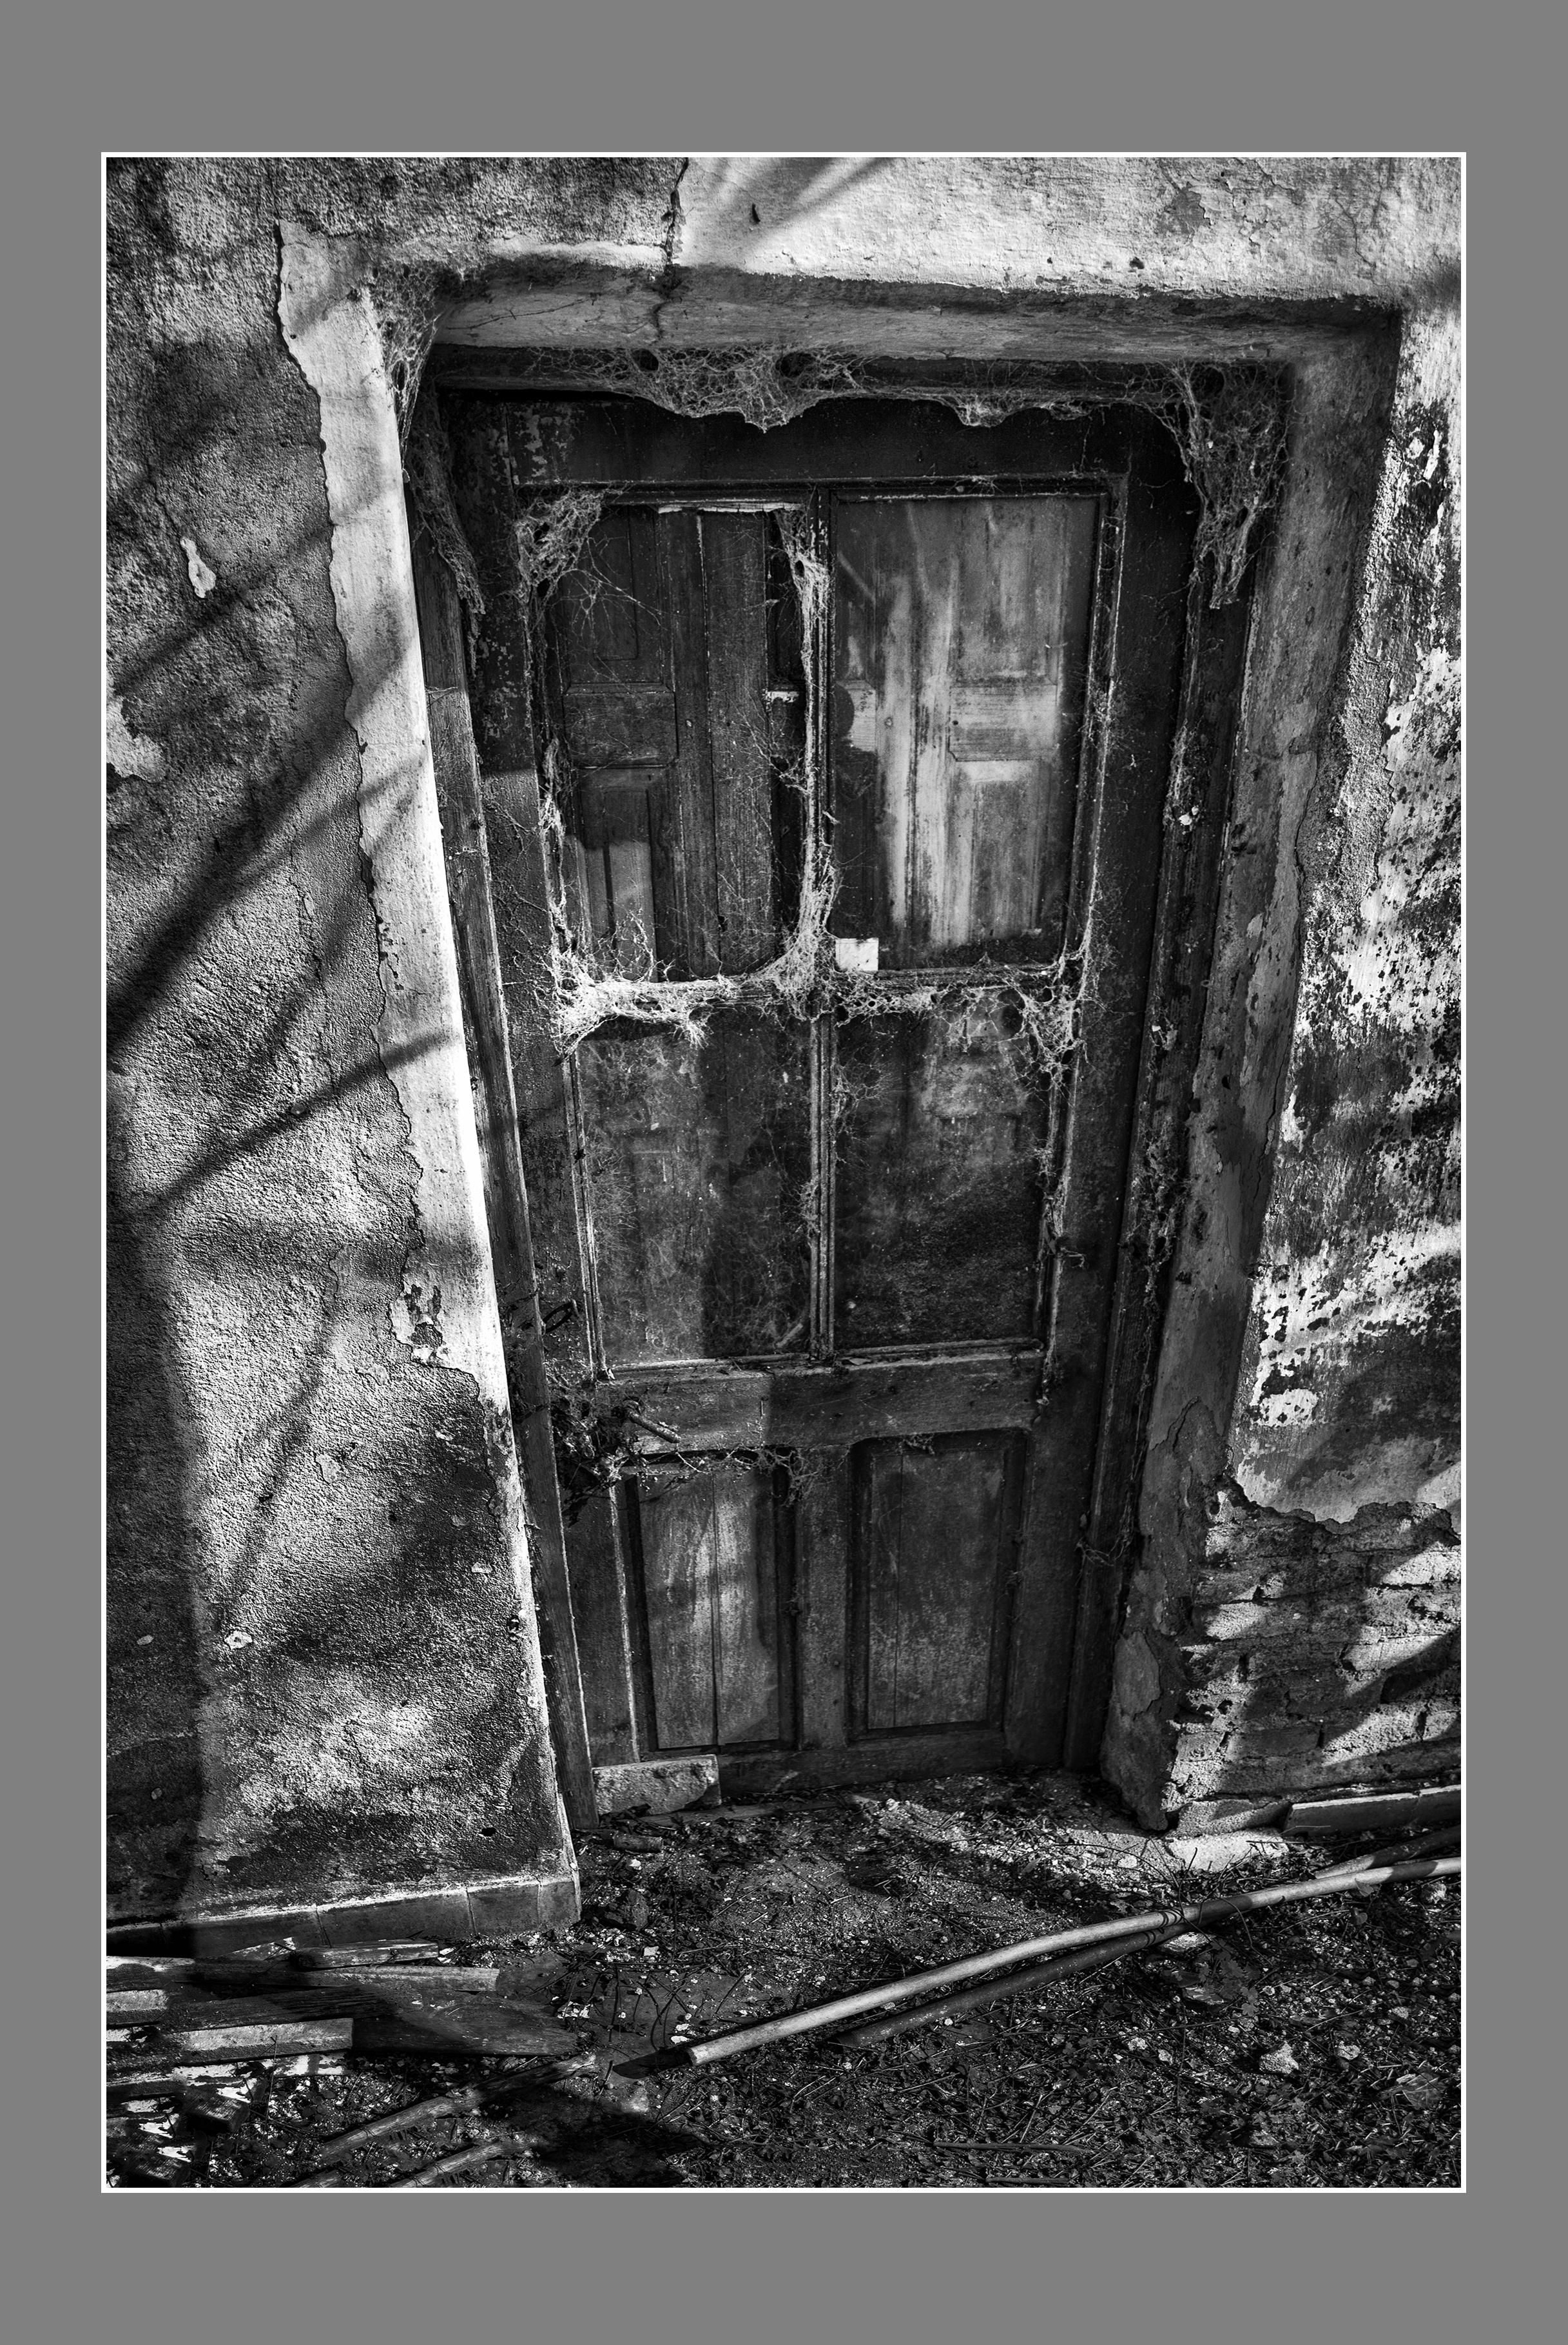 La puerta de la tapera